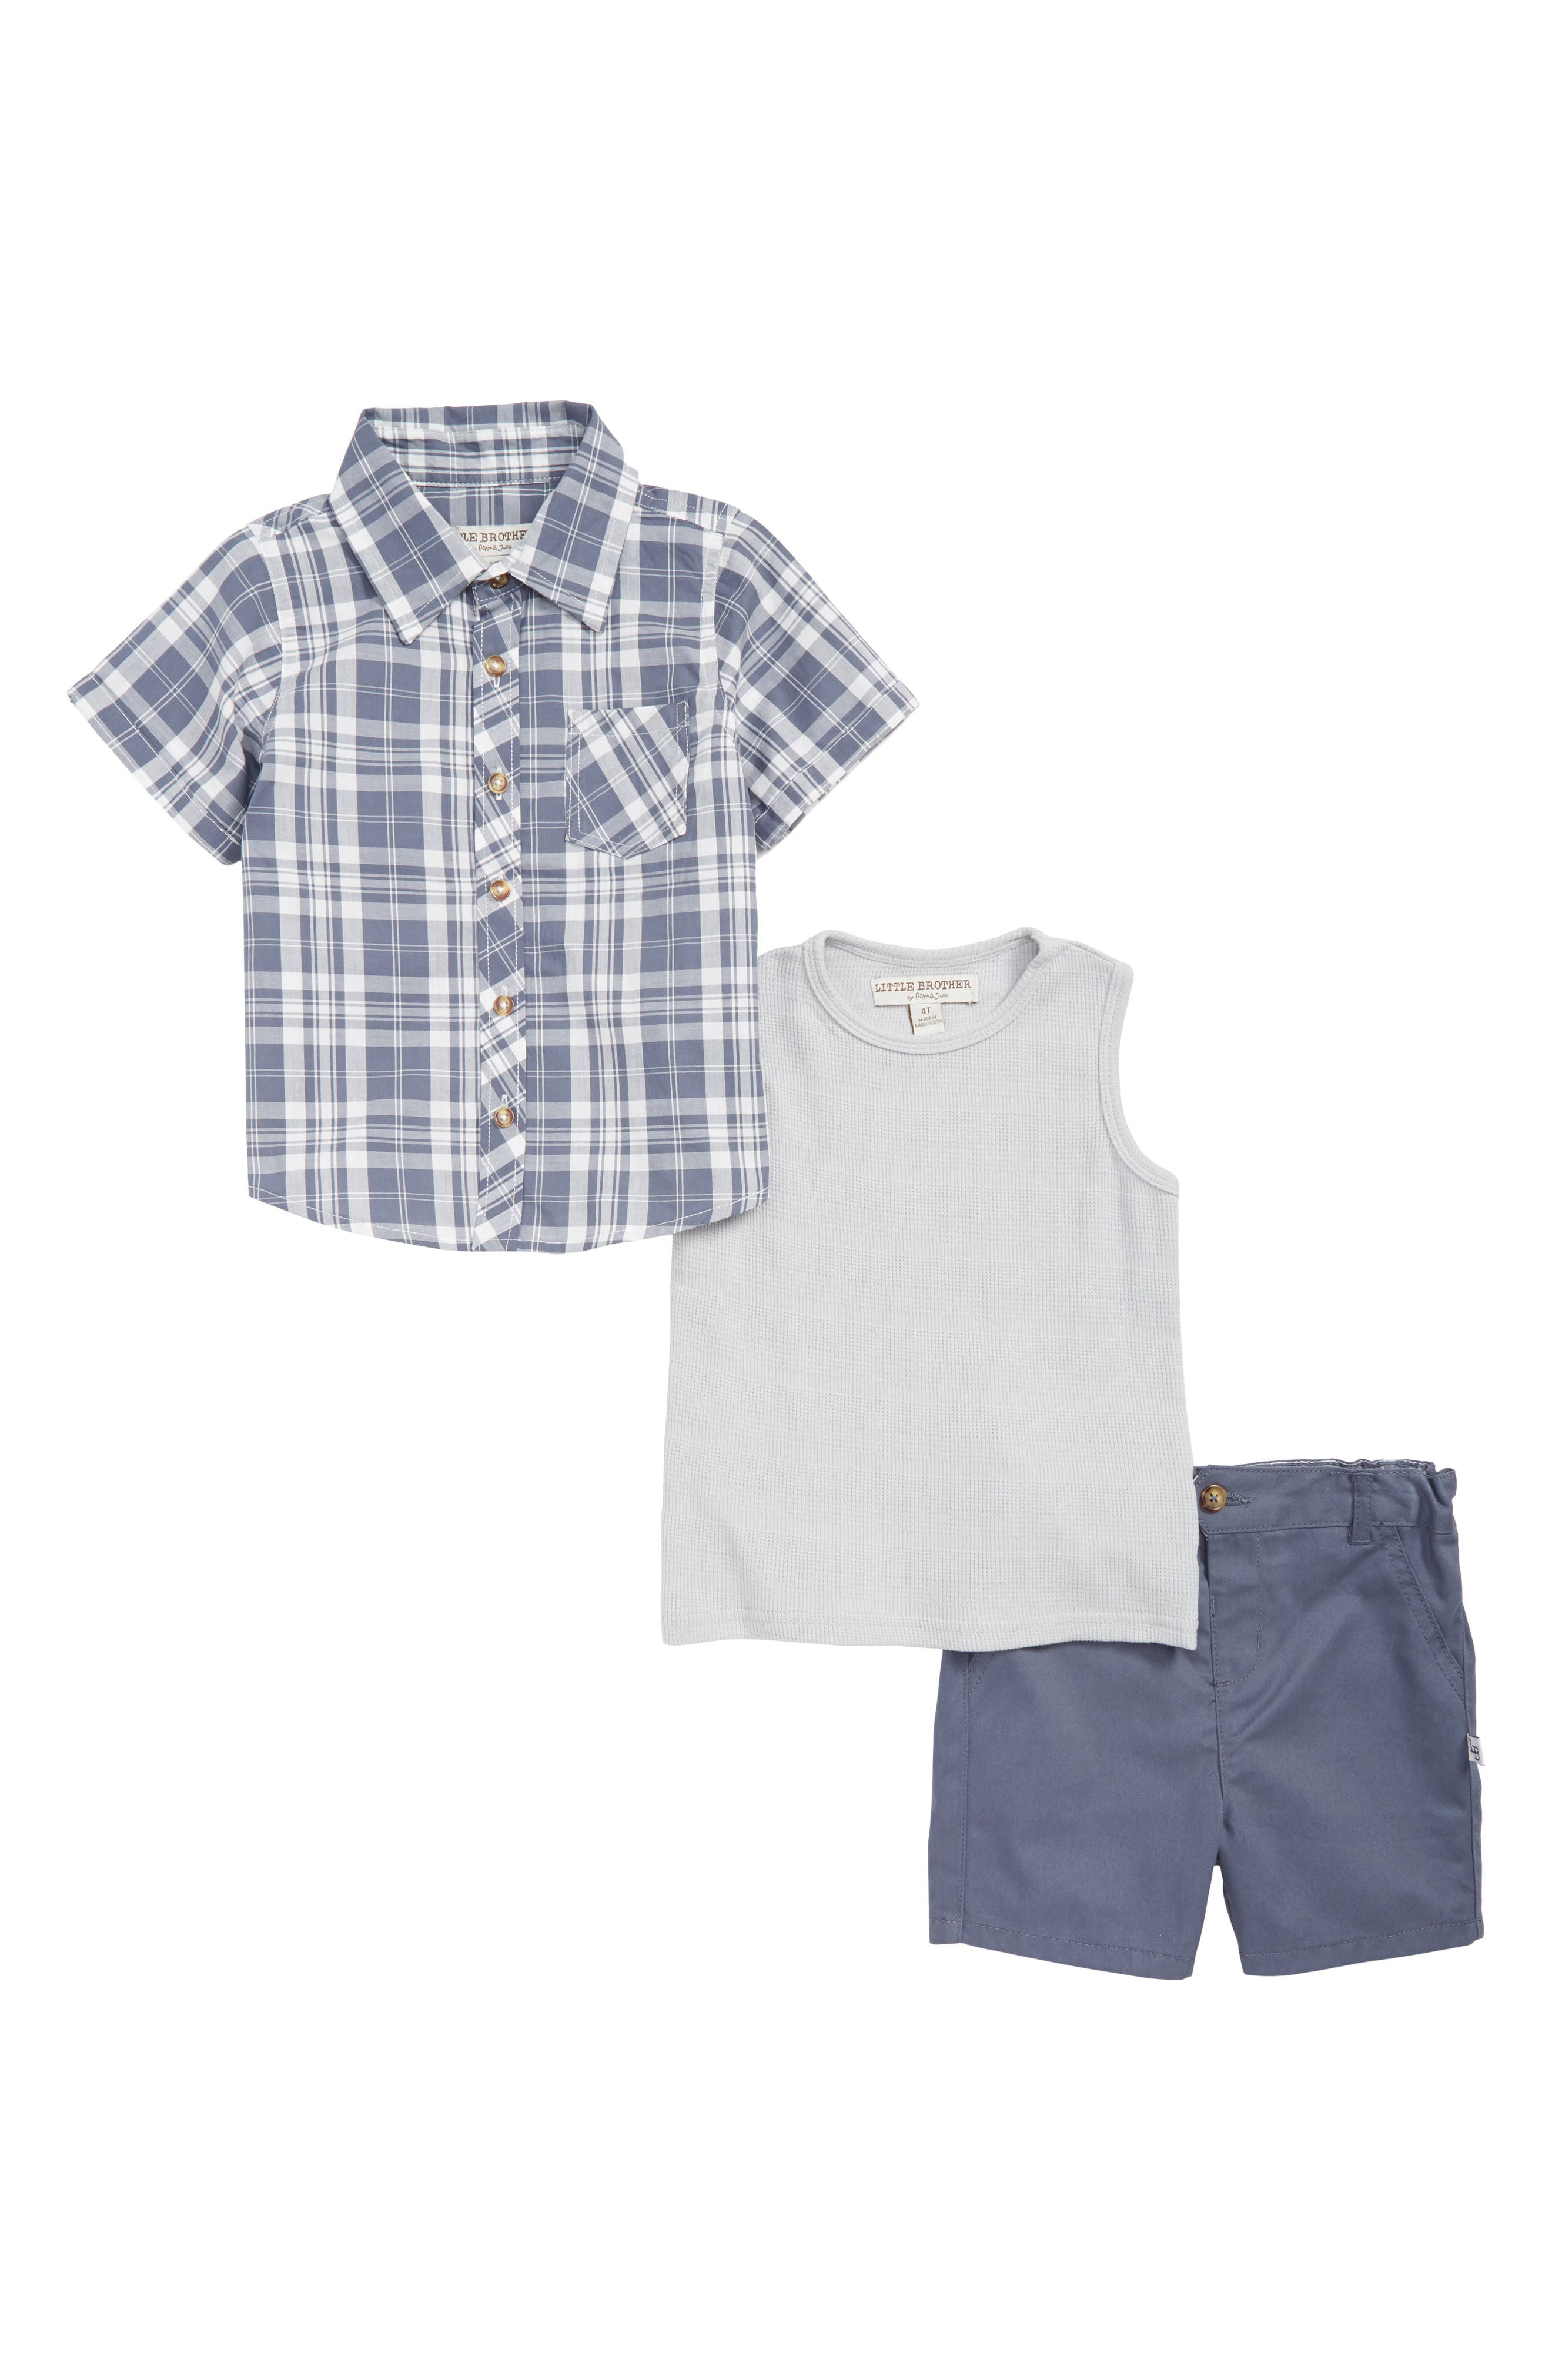 Plaid Shirt, Tank Top & Shorts Set,                             Main thumbnail 1, color,                             400